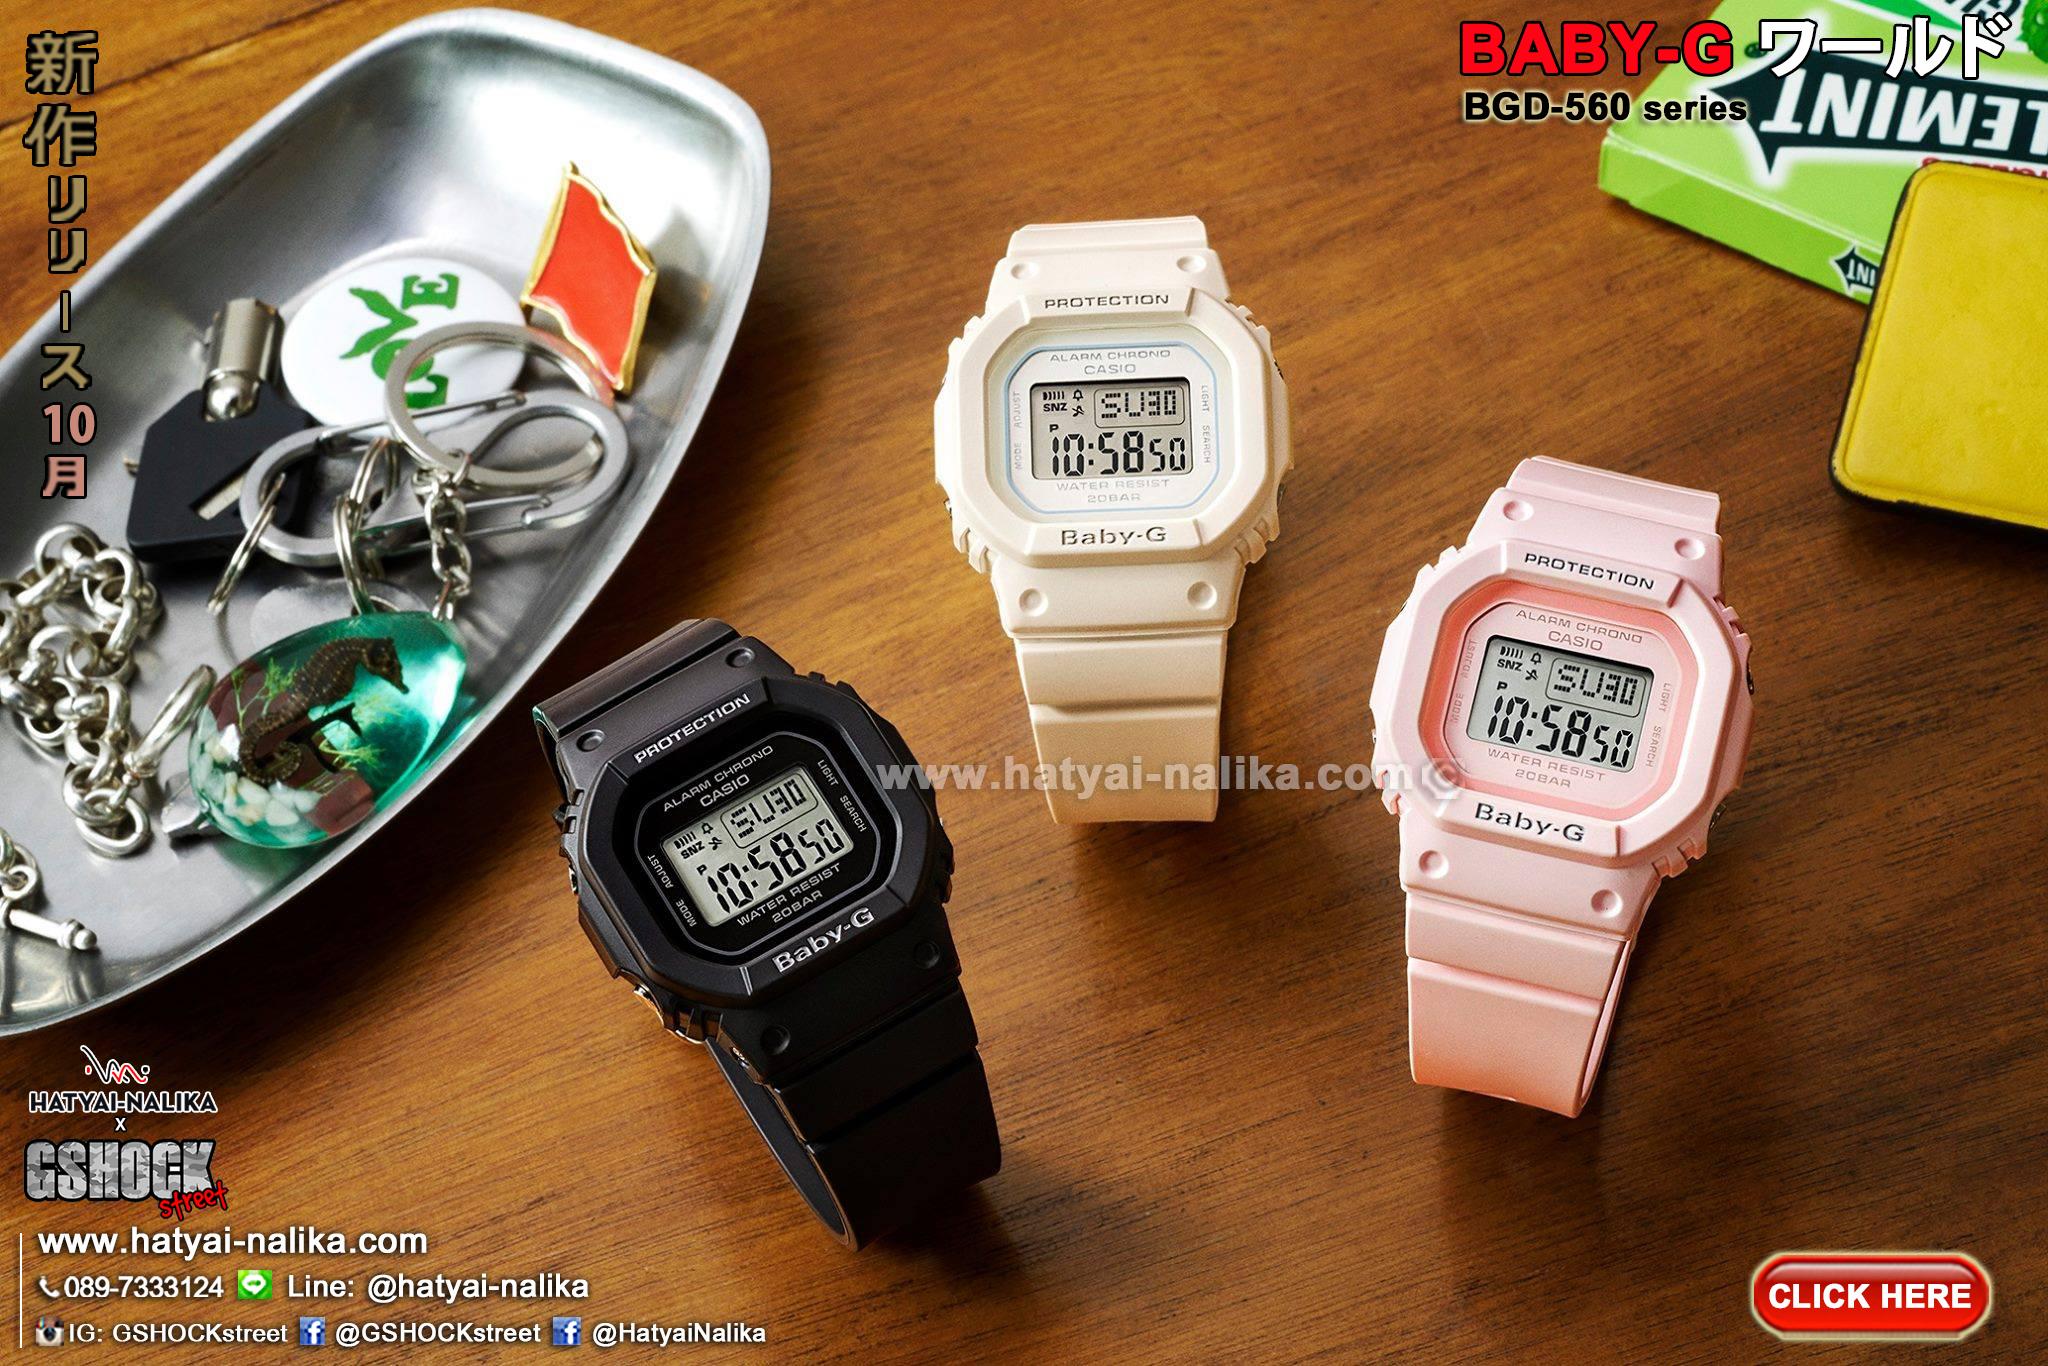 BGD-560-4_BGD-560-1_BGD-560-7